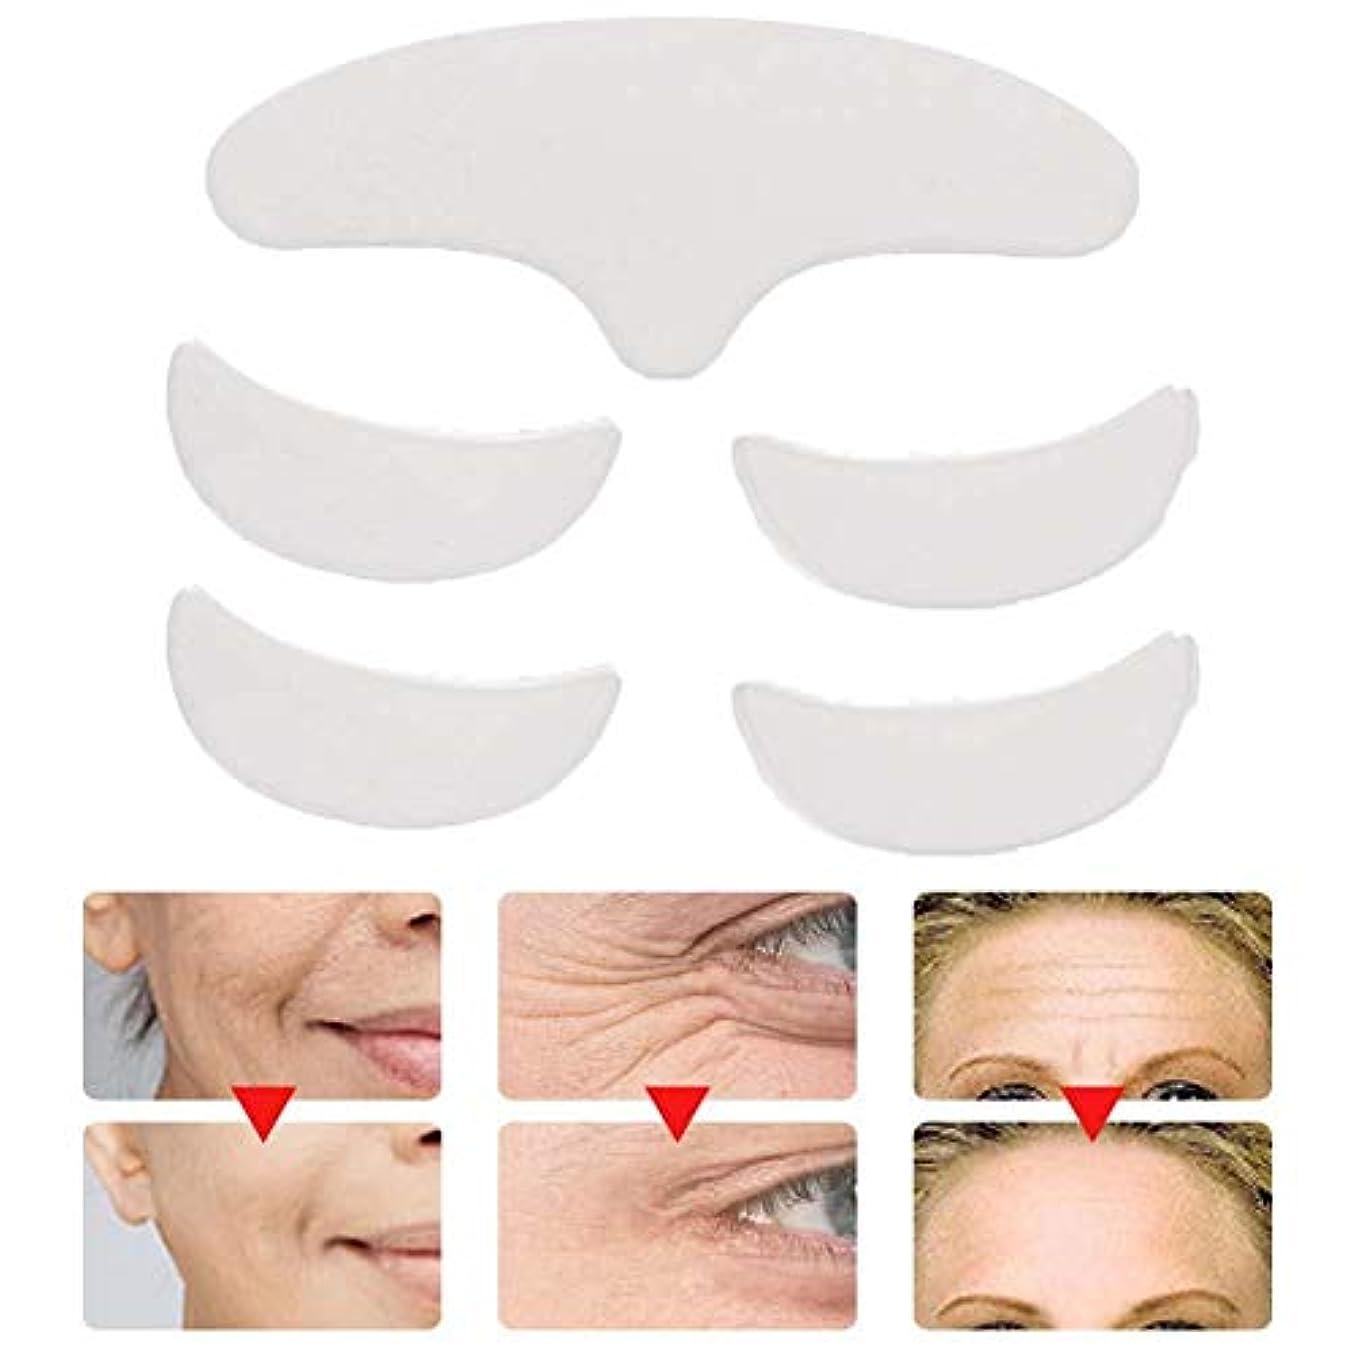 死んでいる補償狭い5個再利用可能な洗える額の目の顔のパッチ、抗しわパッドスキンリフティングシリコーンパッチ, 5個のアンチリンクルシリコンパッチパッドスキンリフティング再利用可能な洗える額アイフェイスパッチ